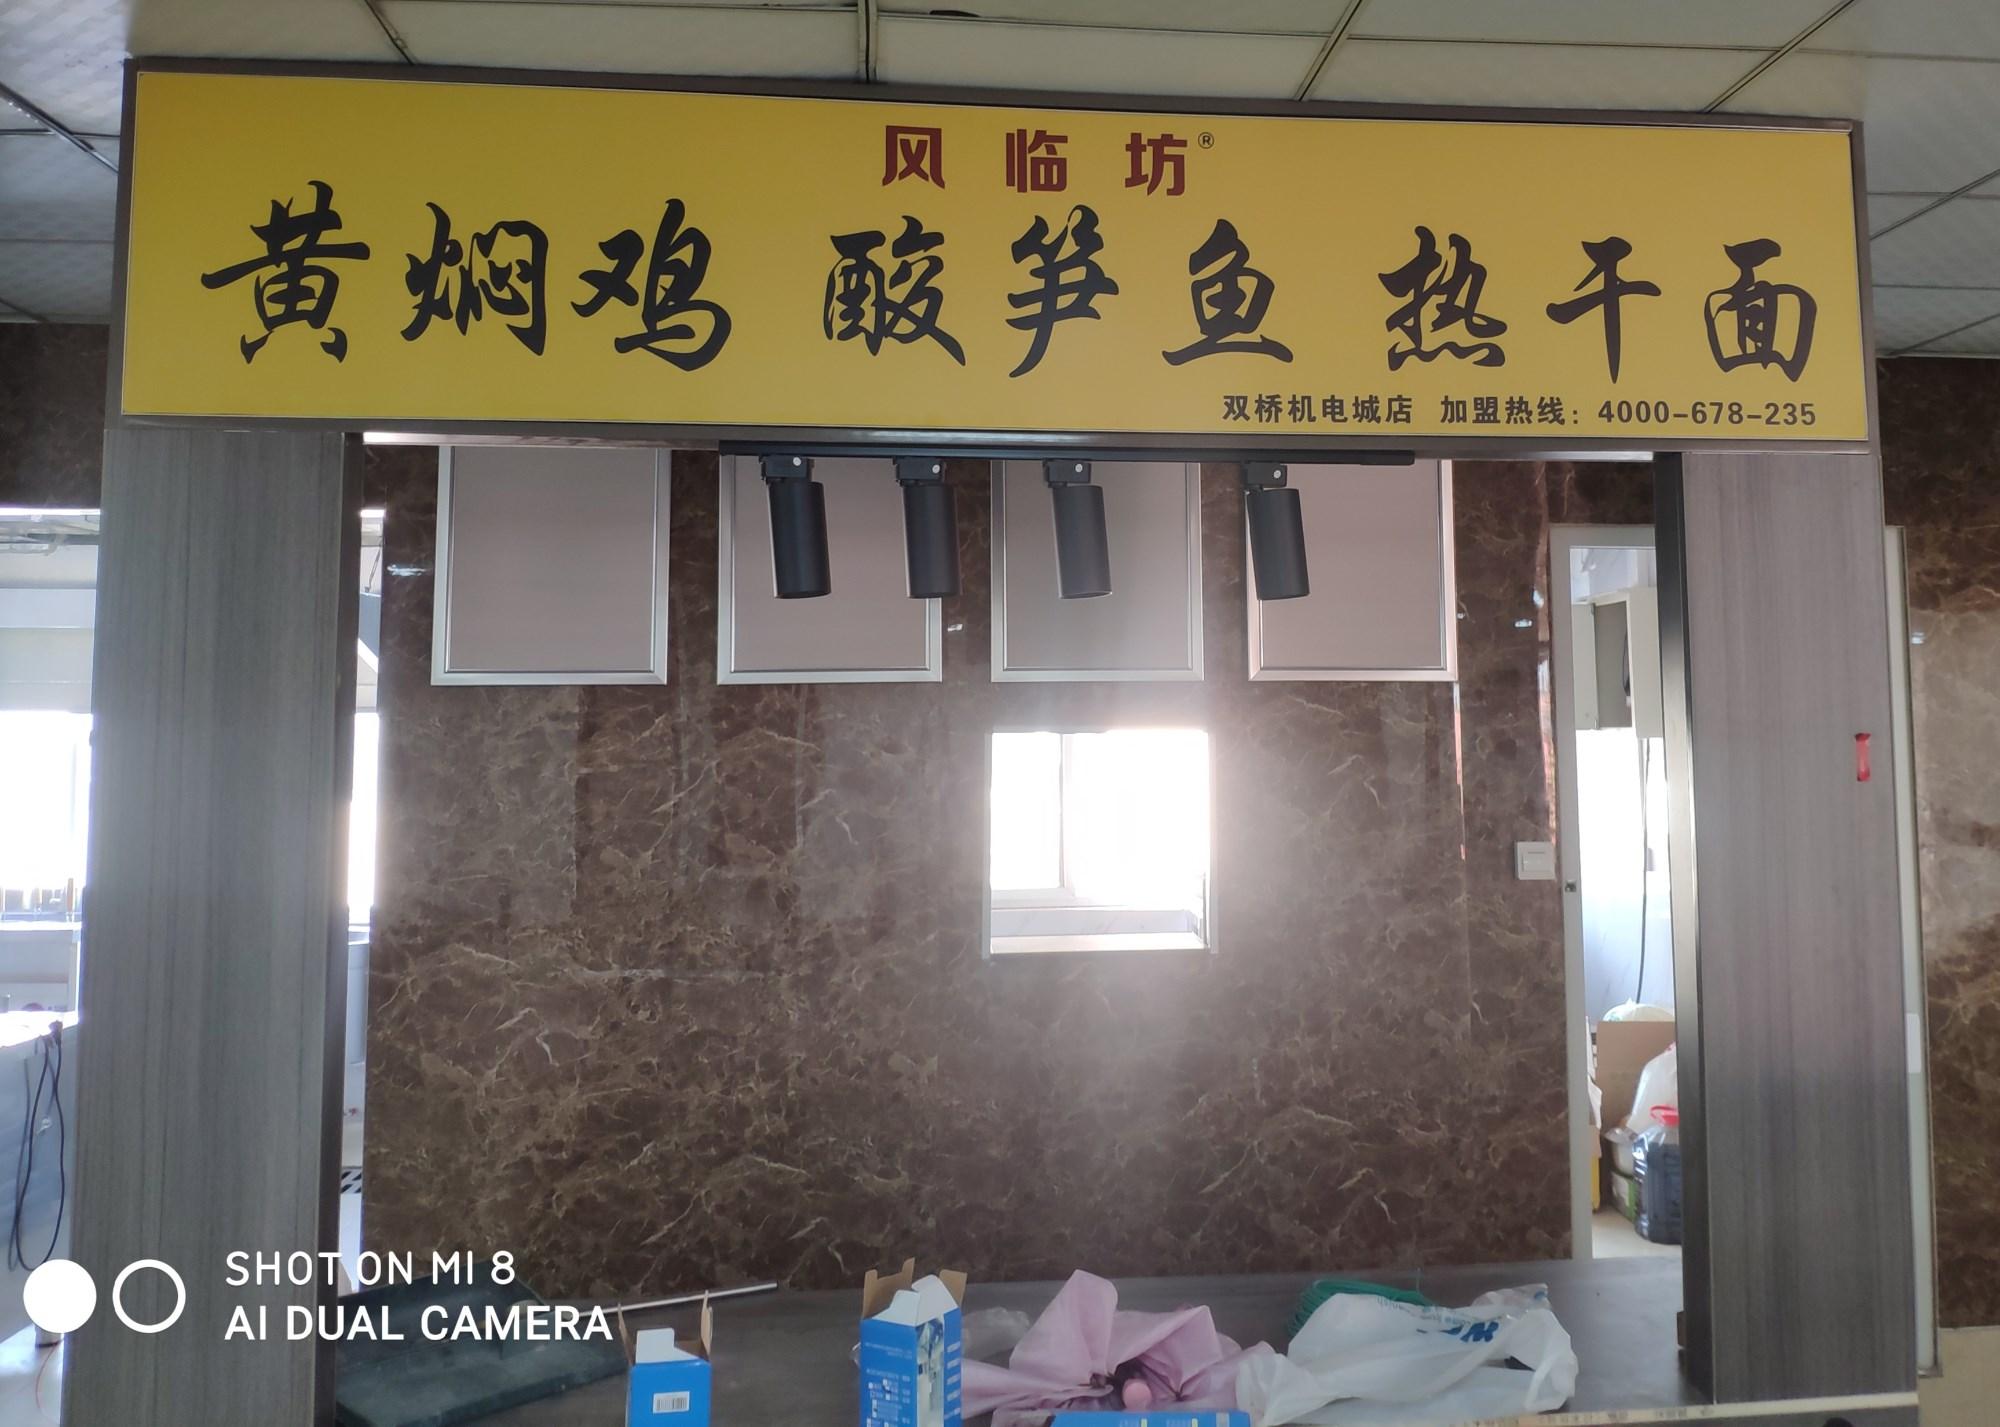 郑州双桥机电城店